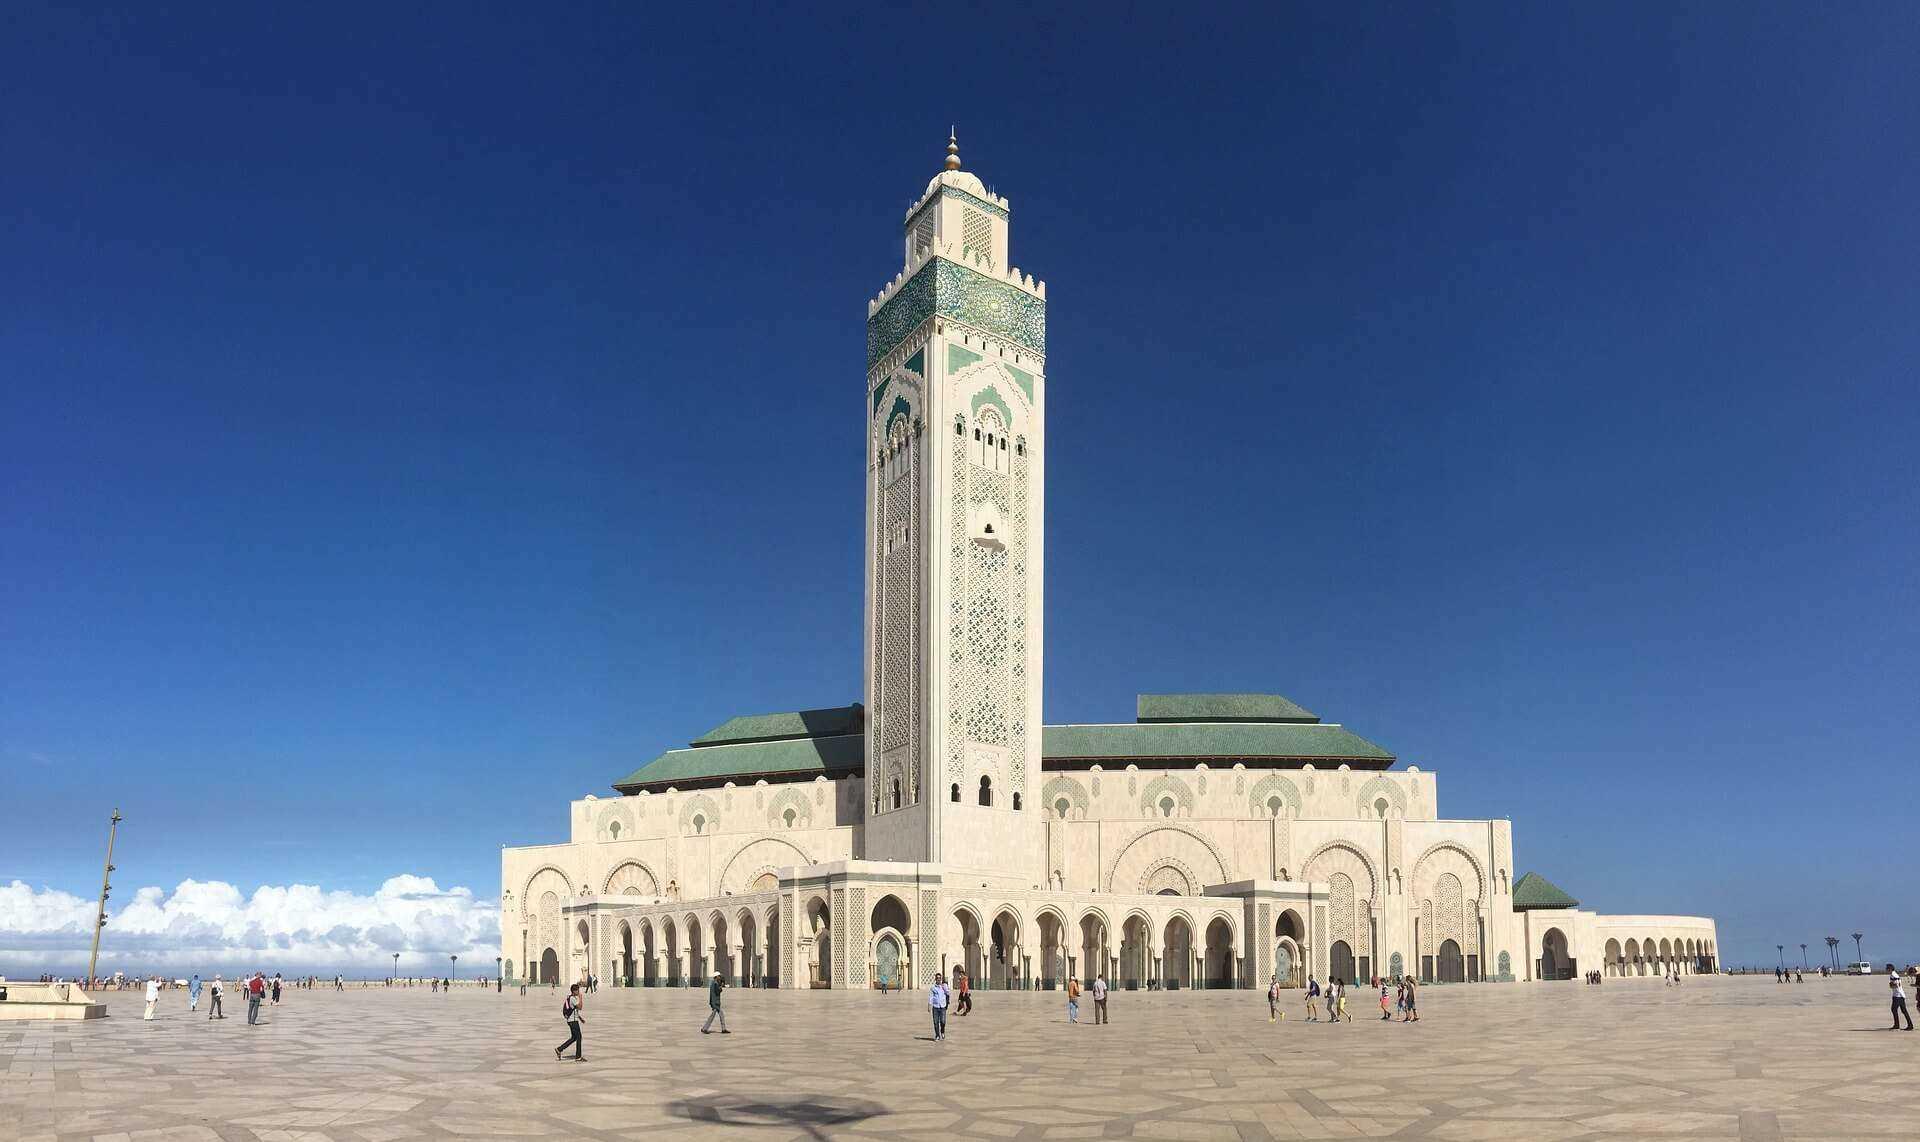 Direktflüge und Billigflüge nach Casablanca